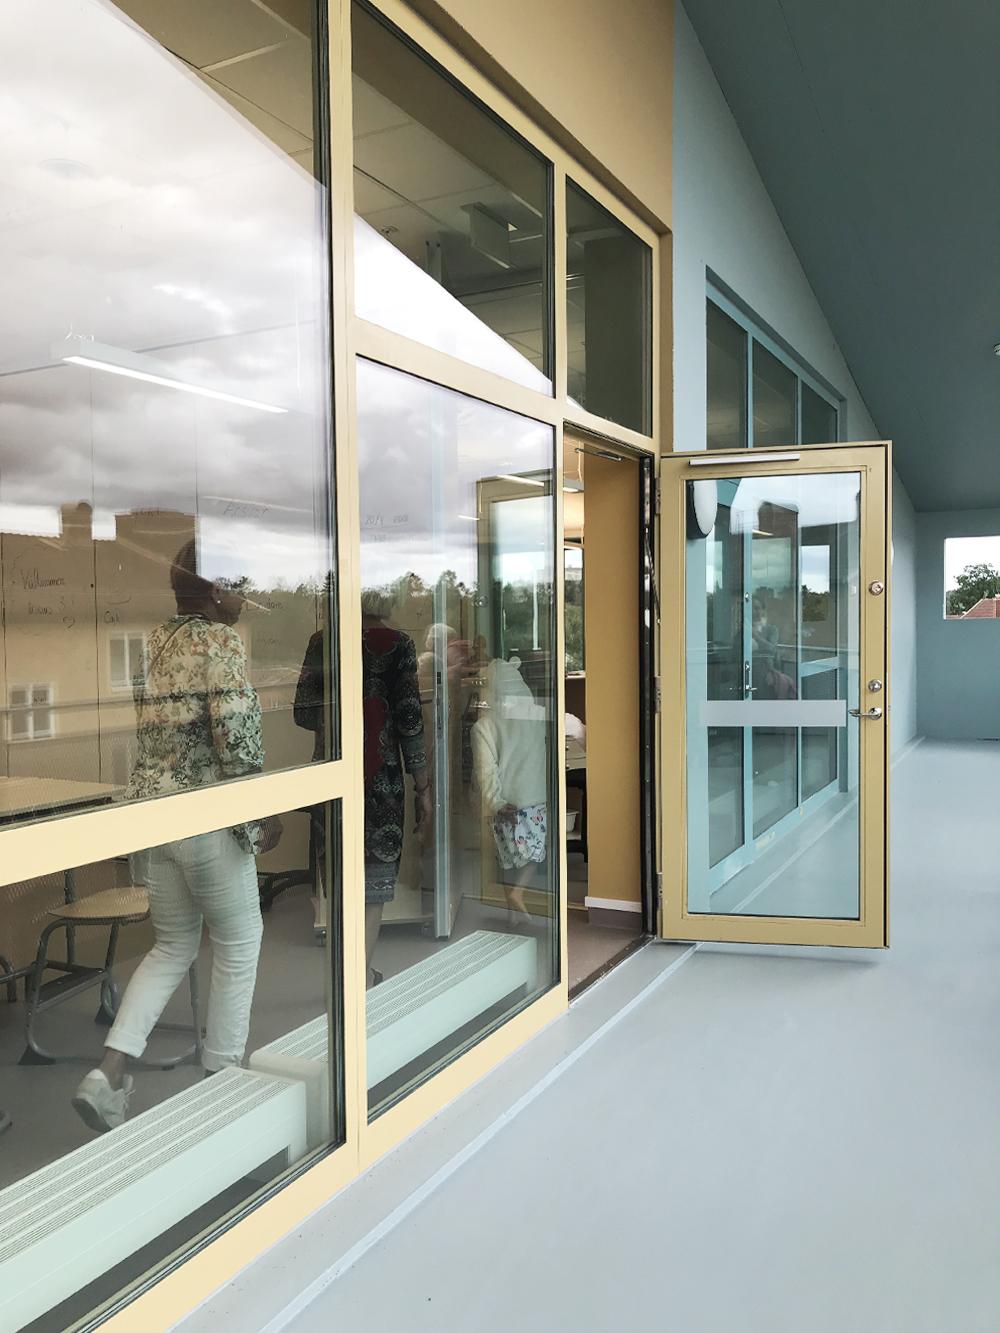 Från skolans lärosalar och förskolanshemrumhar man direkt utgång till balkonger/terrasser på gavlarna